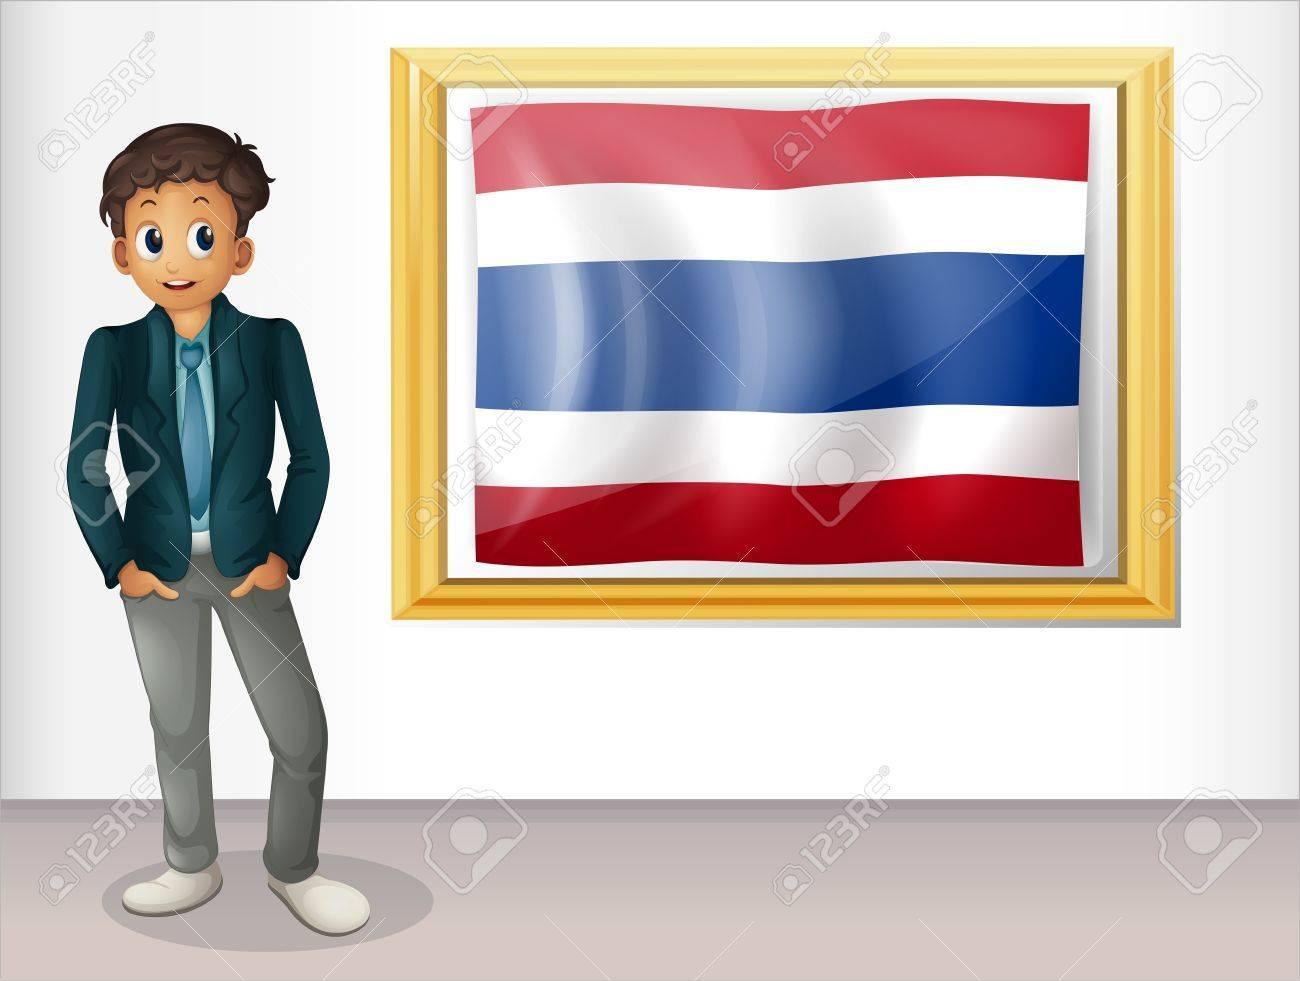 Ilustración De Un Niño Con Una Bandera Enmarcada De Tailandia Sobre ...